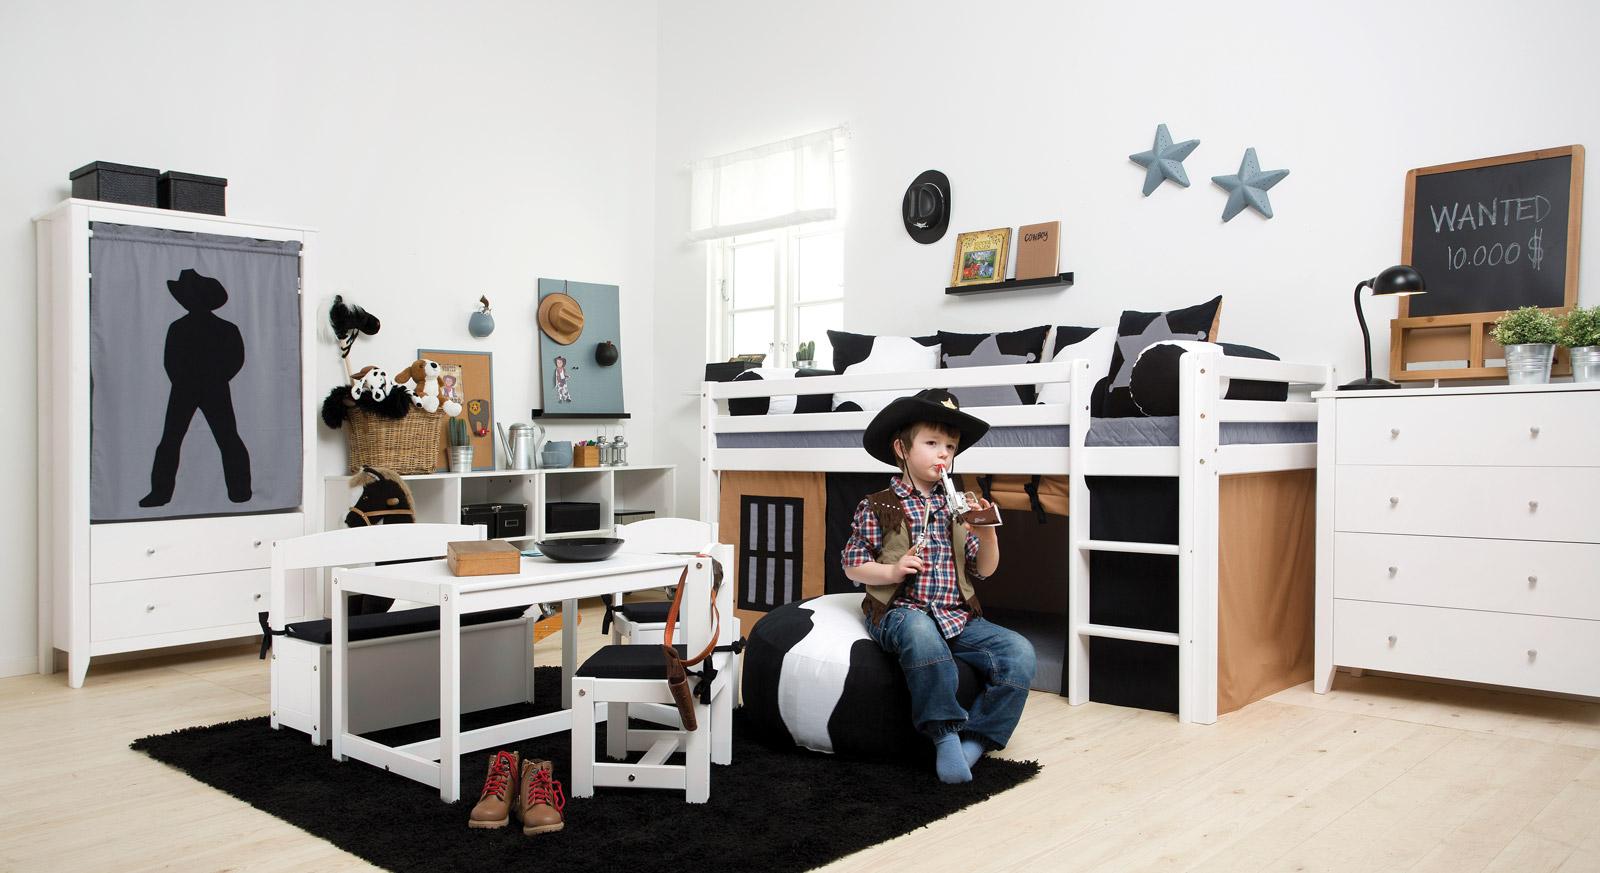 Kinderzimmer Cowboy bietet Spielspaß aus dem wilden Westen